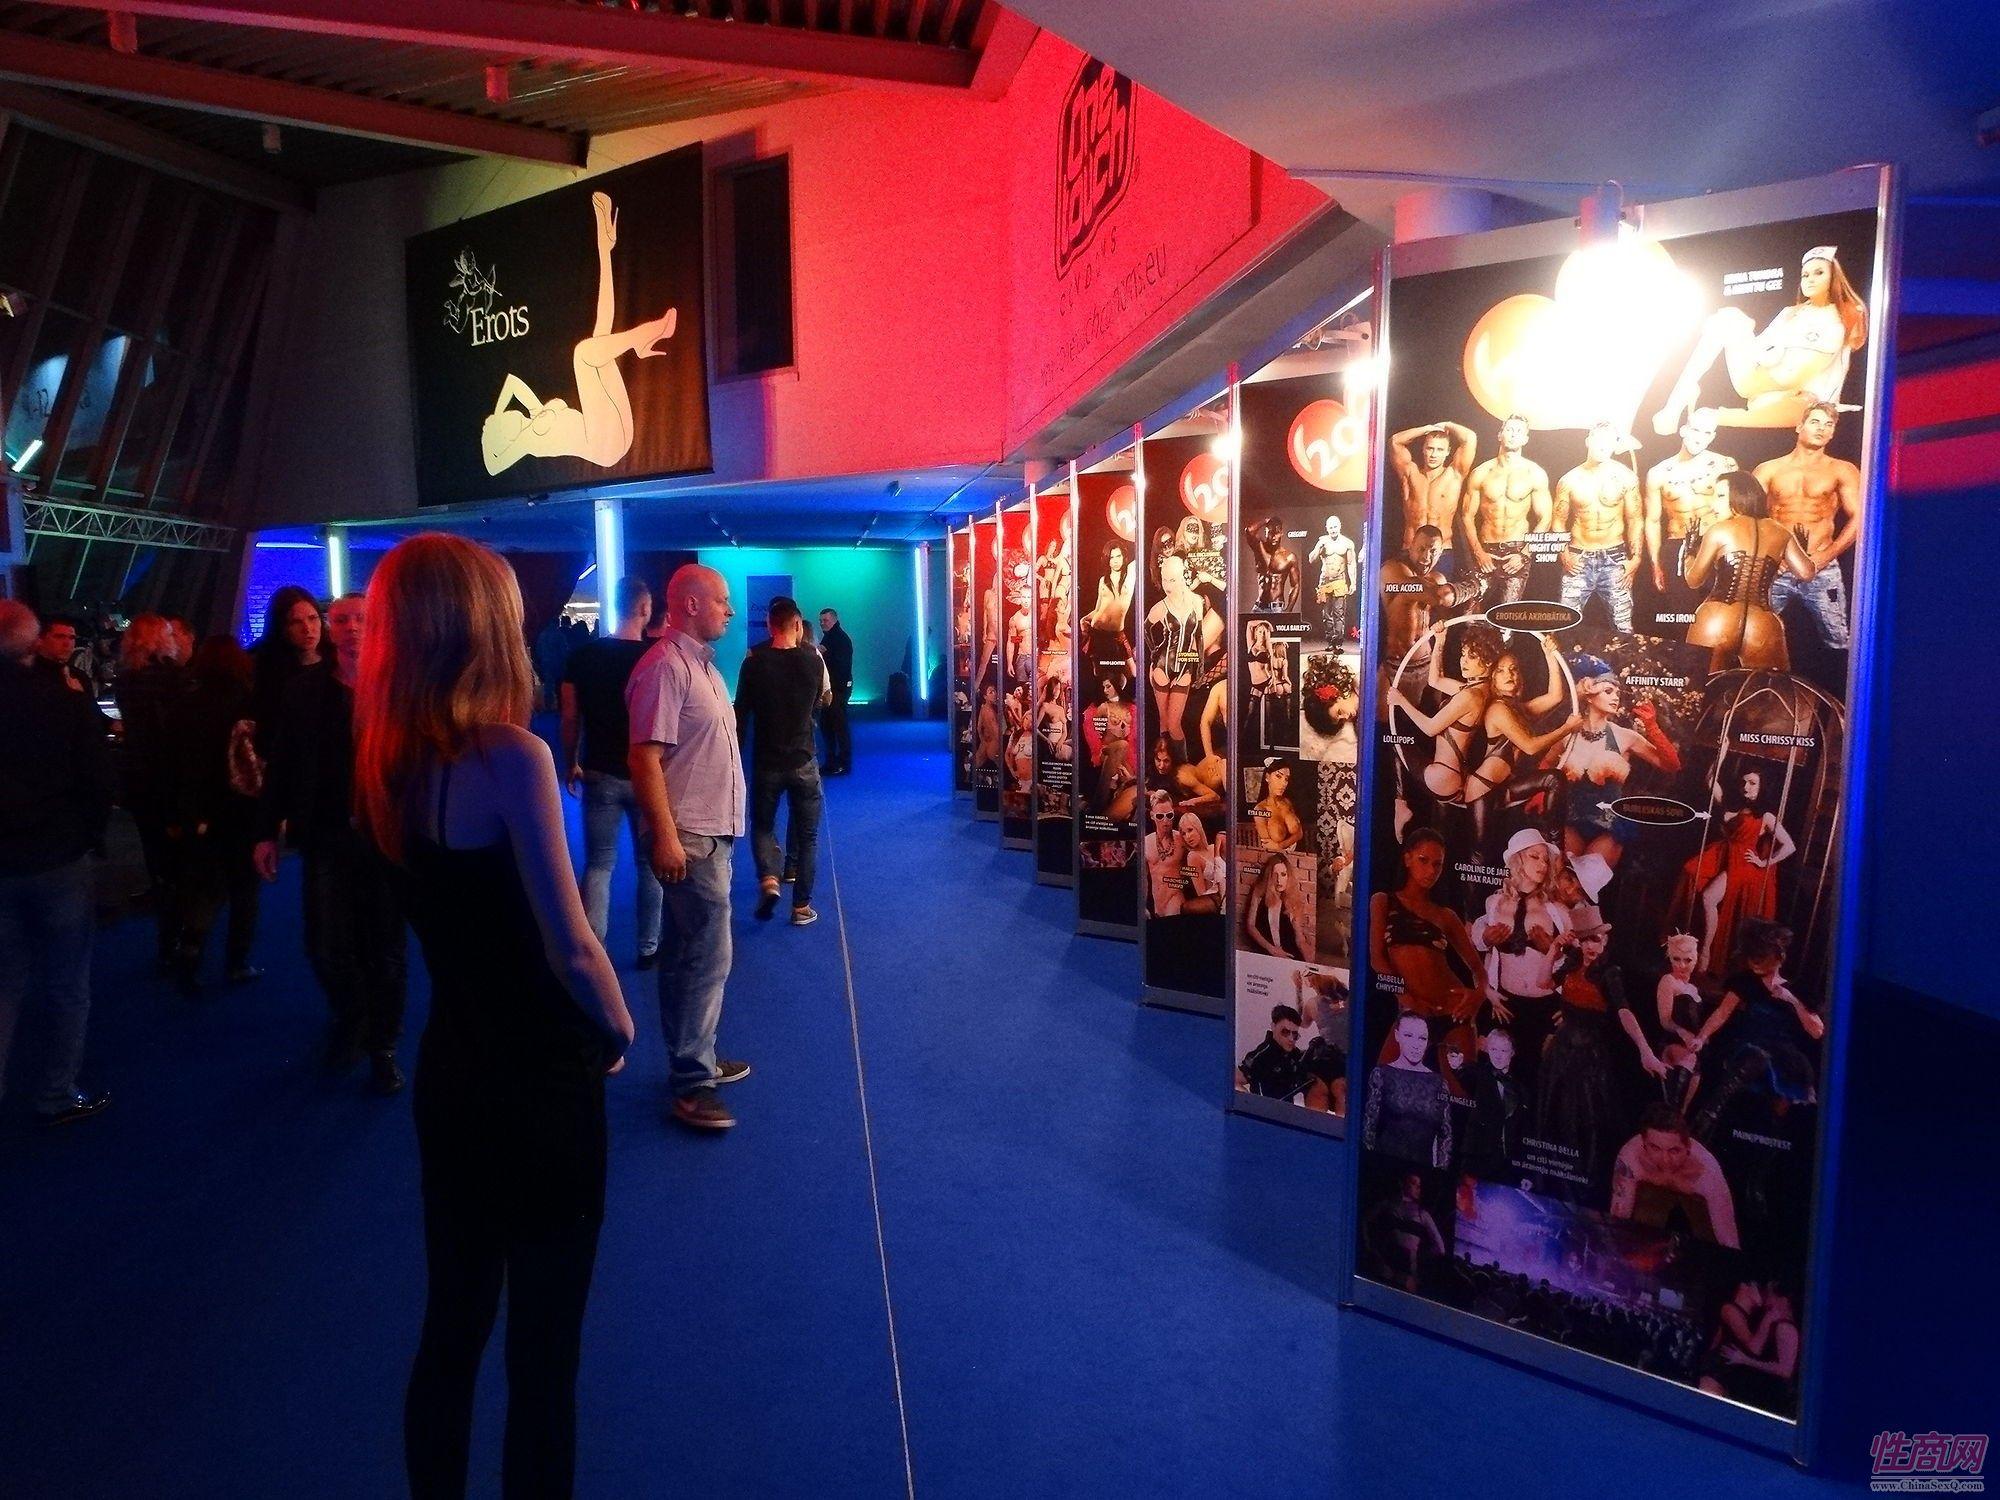 2017年拉脱维亚成人展 Erots--展会现场图片2